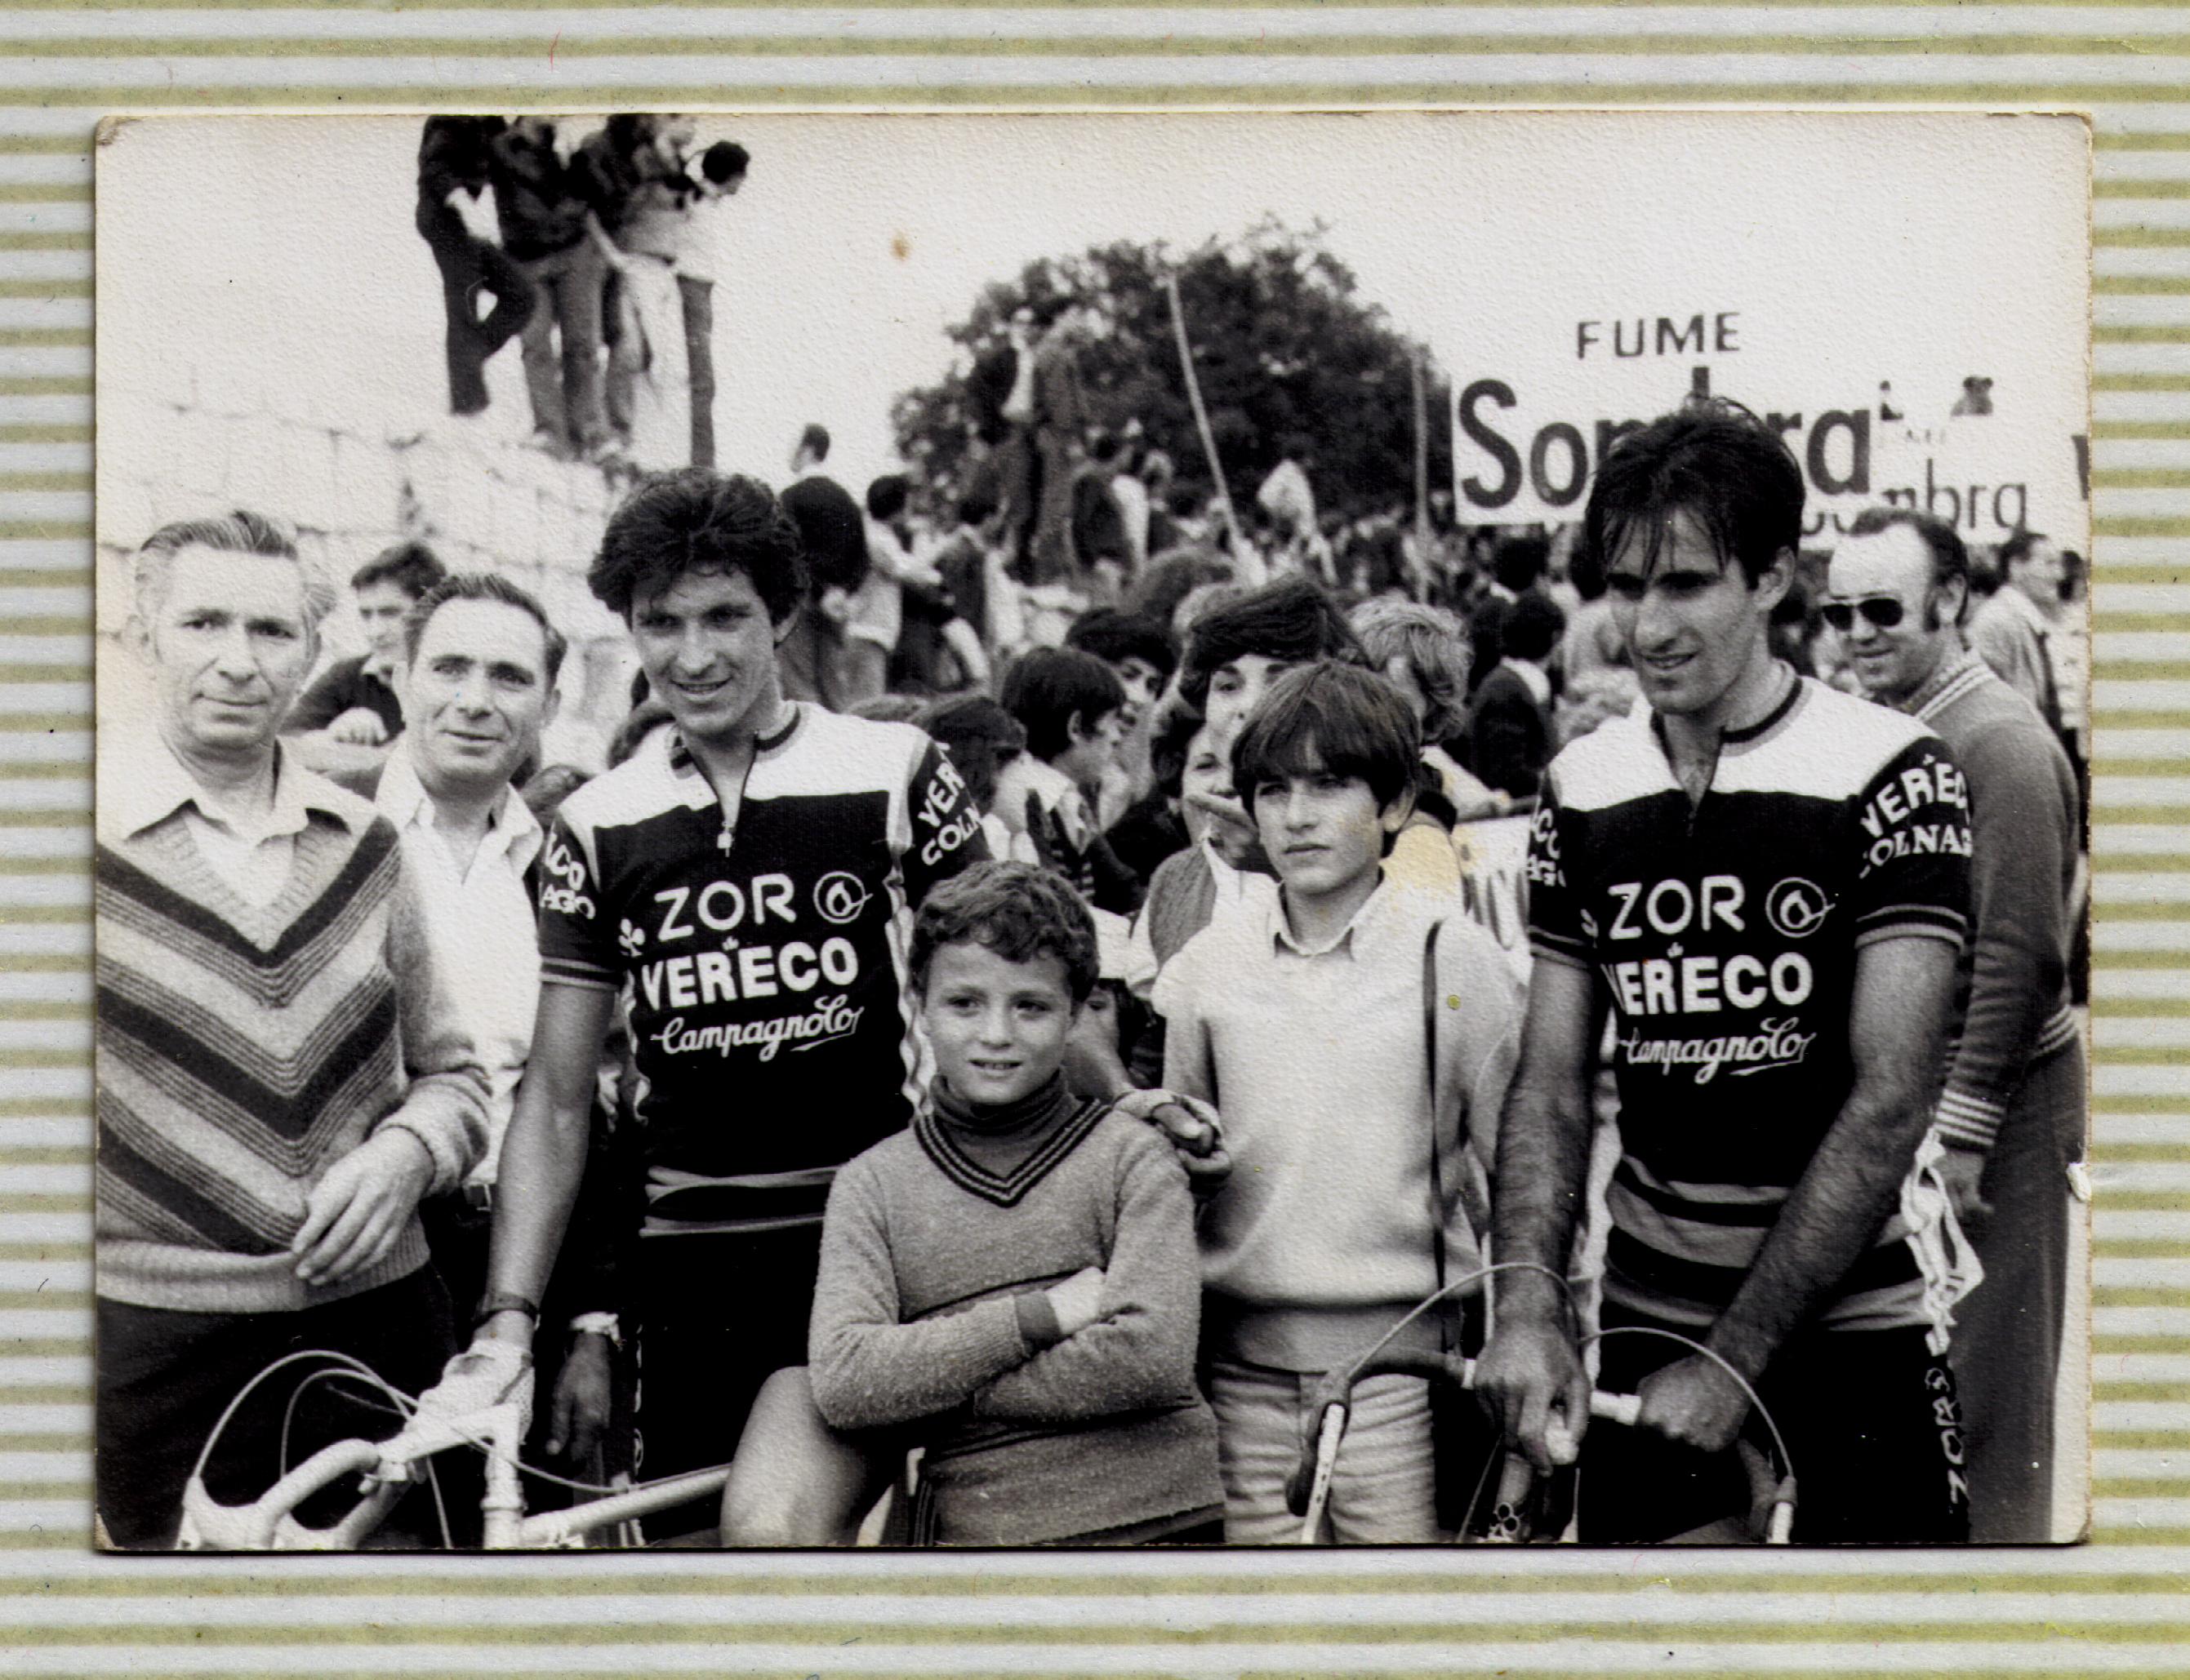 Eduardo Chozas, 1980 Equipo Zor-Vereco (19 años) Vuelta a España 1980 tras acabar en los Ángeles de San Rafael con Mi padre, mi tío, mis primos y Pedro Muñoz